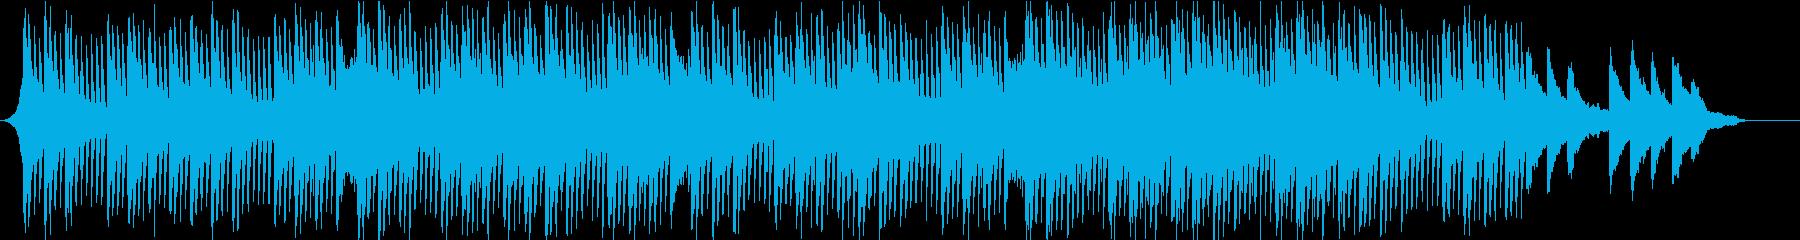 【コーポレート】幻想的・やさしい・美しいの再生済みの波形